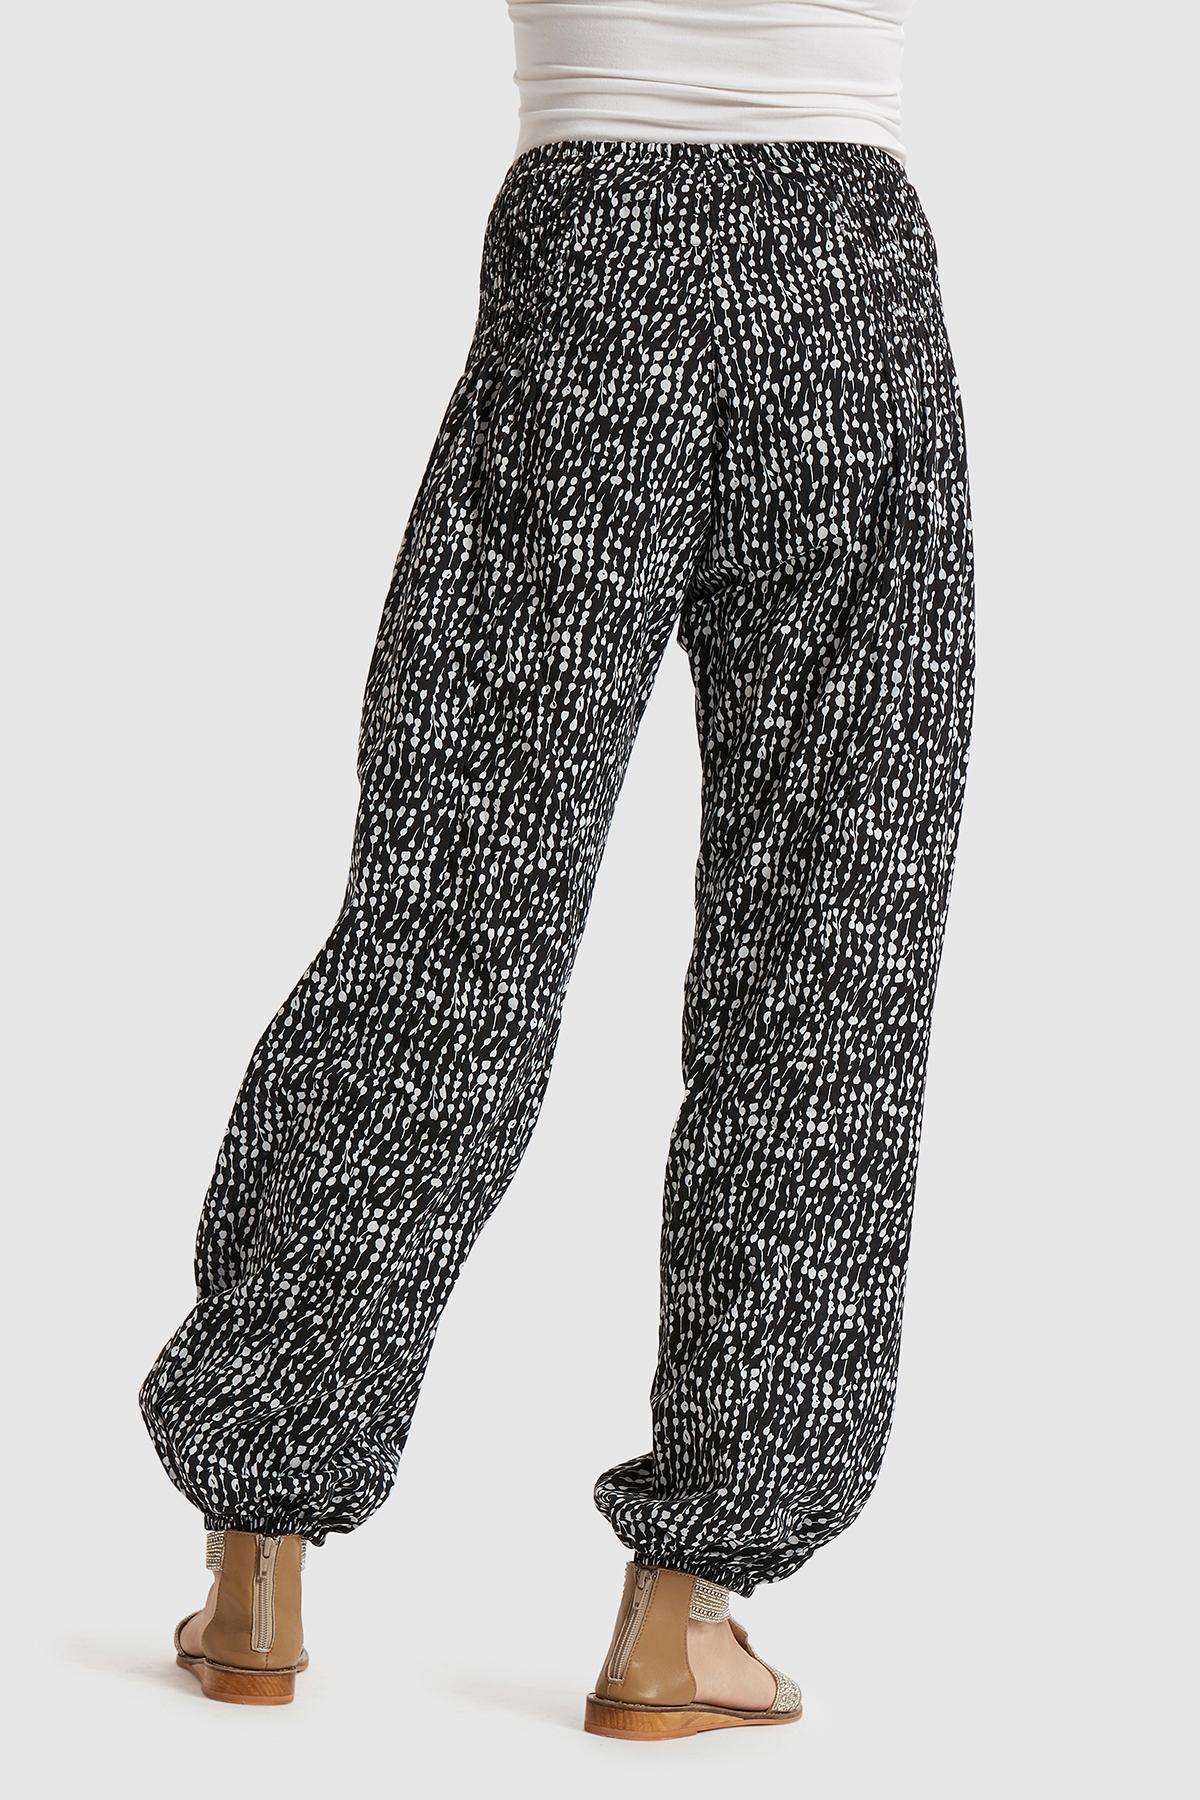 Schwarz/weiss Hose von Pulz Jeans – Shoppen SieSchwarz/weiss Hose ab Gr. XS-XXL hier